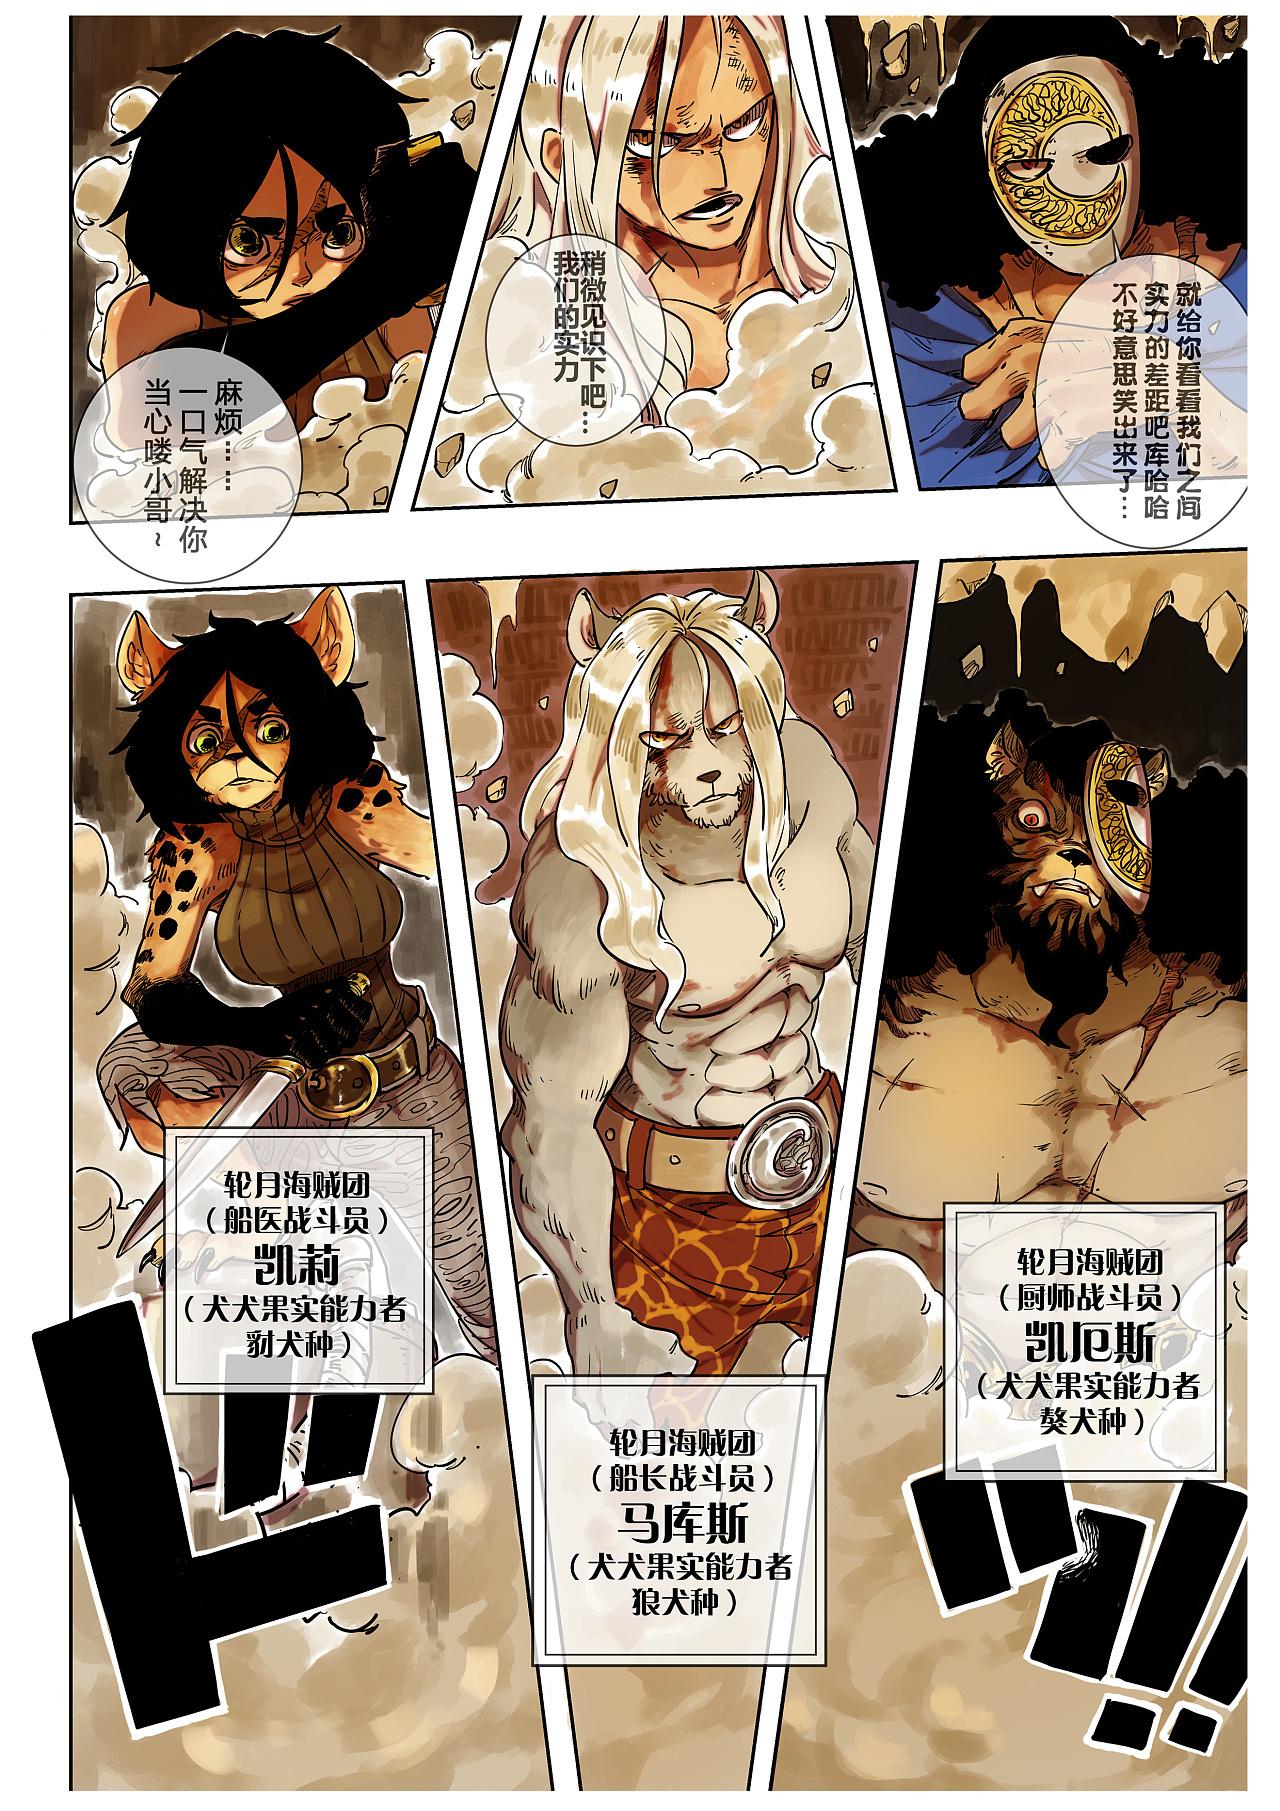 原创海贼王同人漫画:路飞为了救出罗宾,跟索隆山治vs动物系能力者!